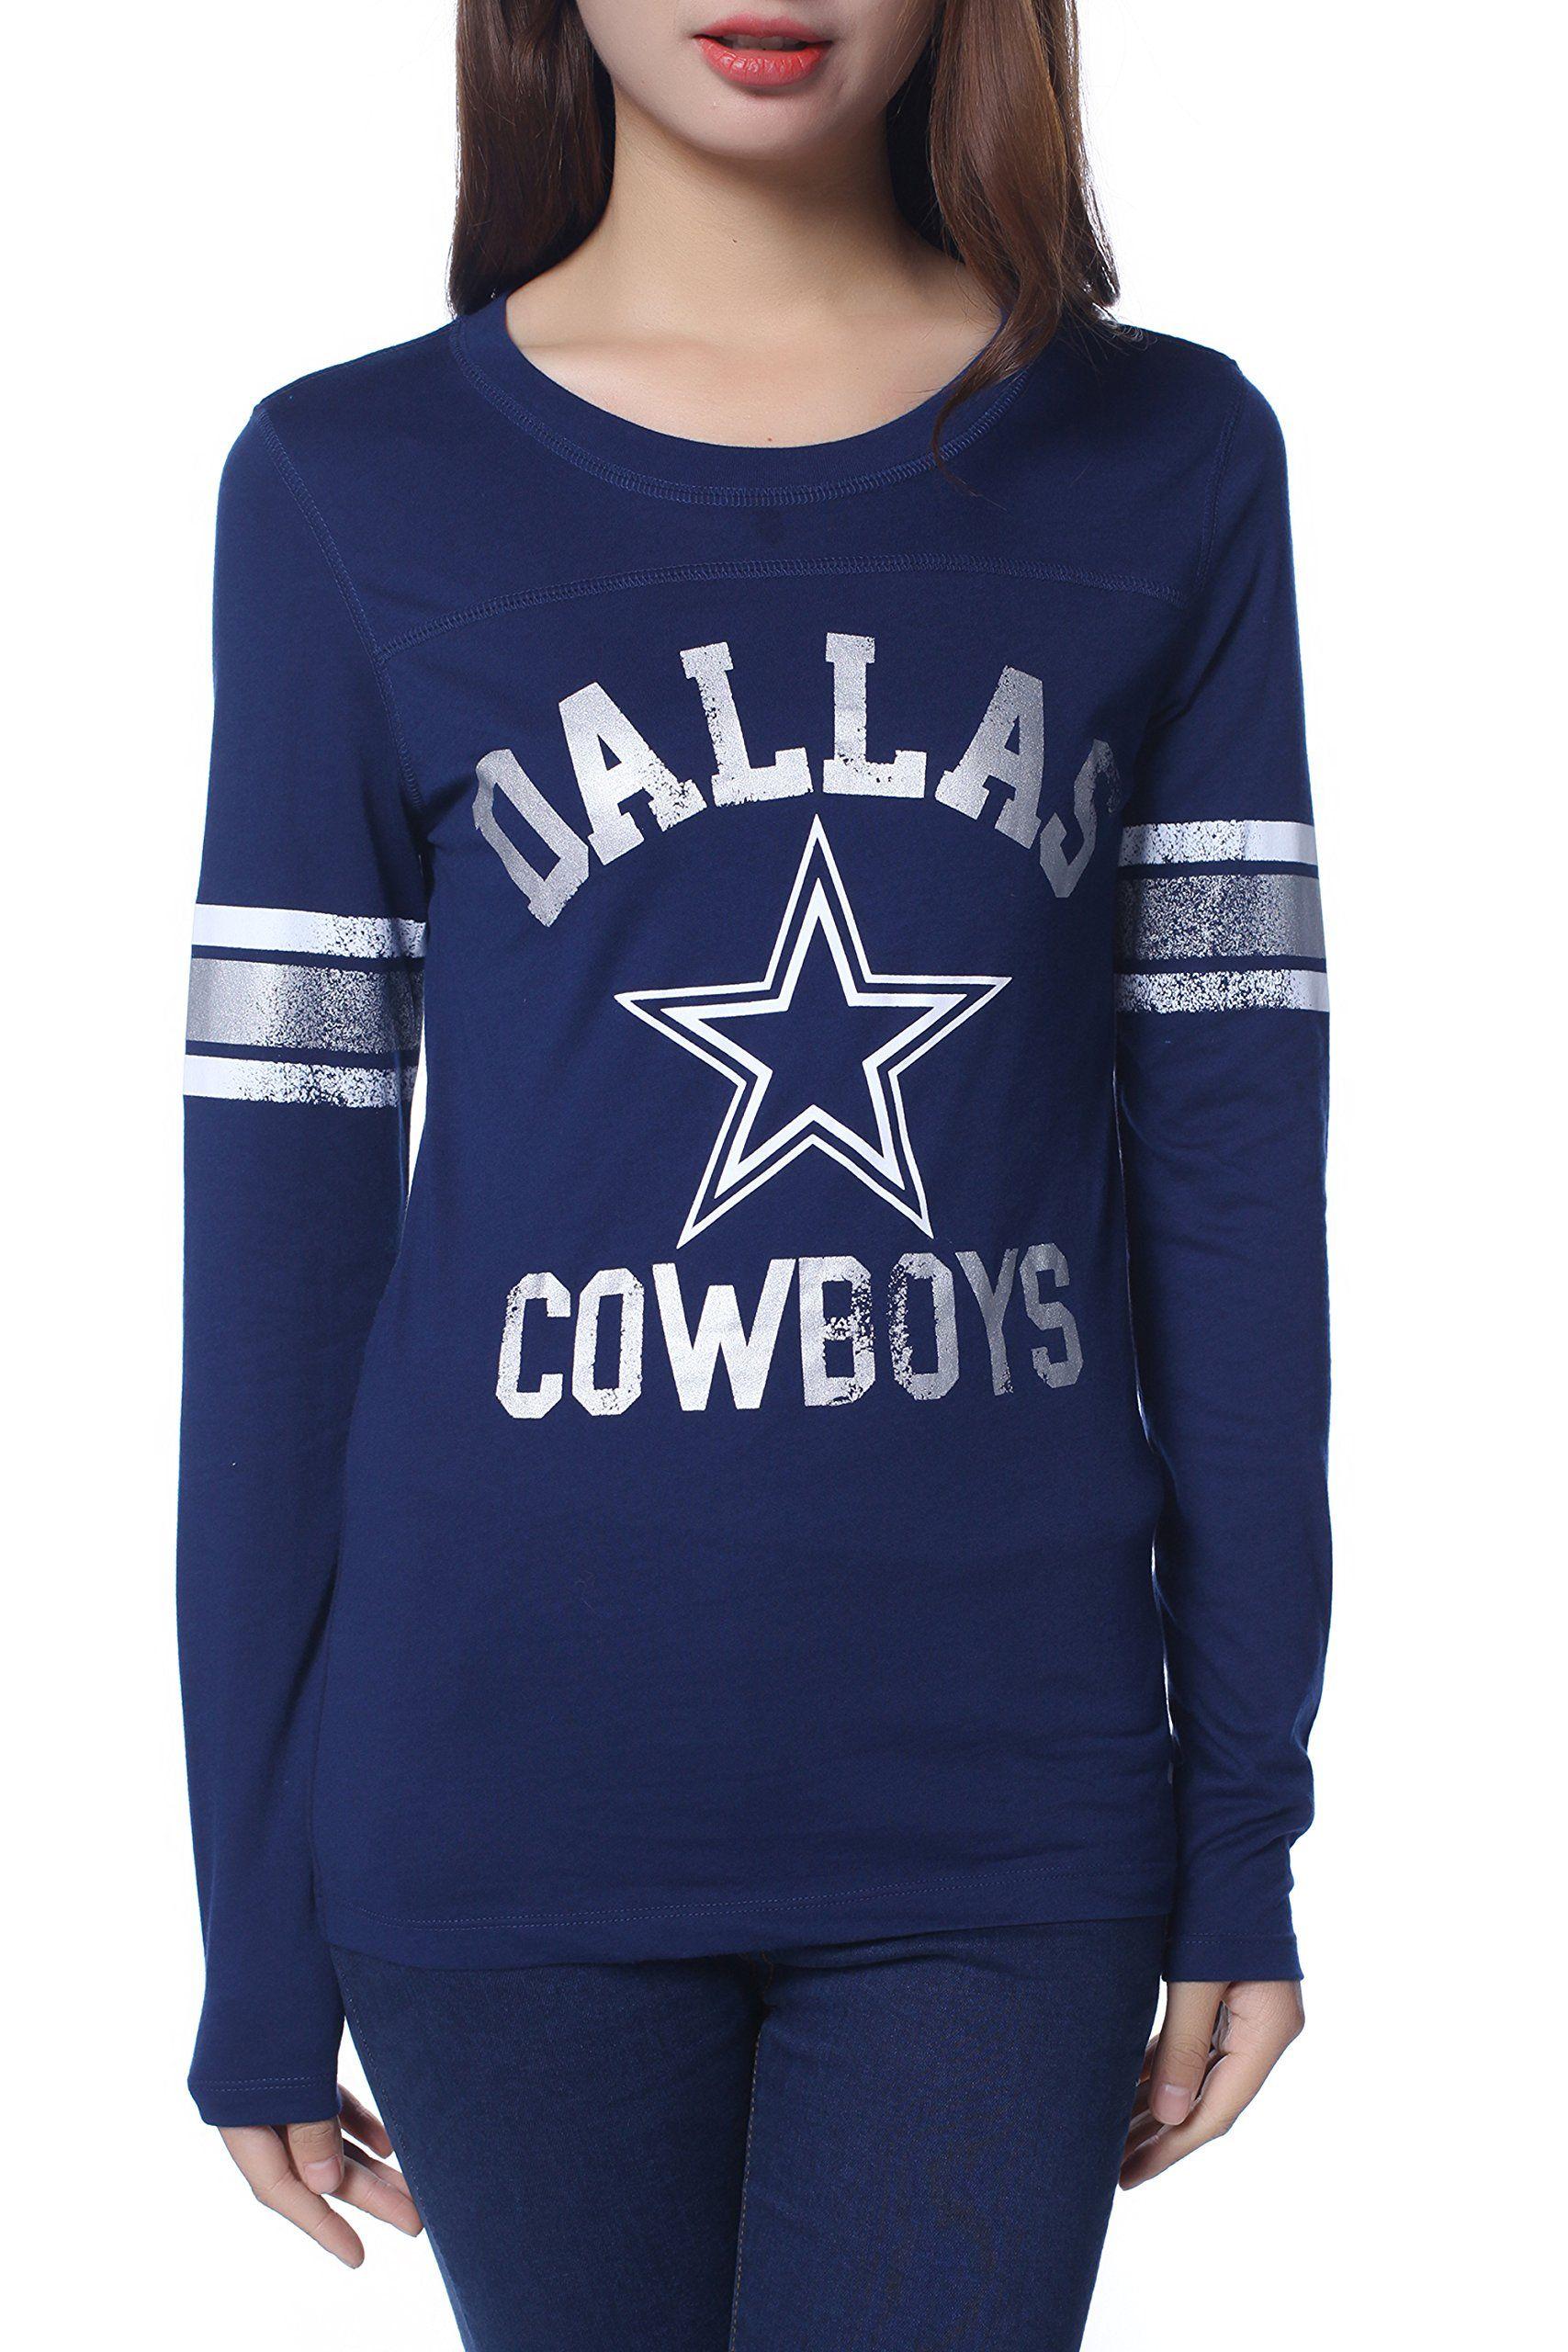 Womens Pink Victoria's Secret NFL Dallas Cowboys T-shirt Small